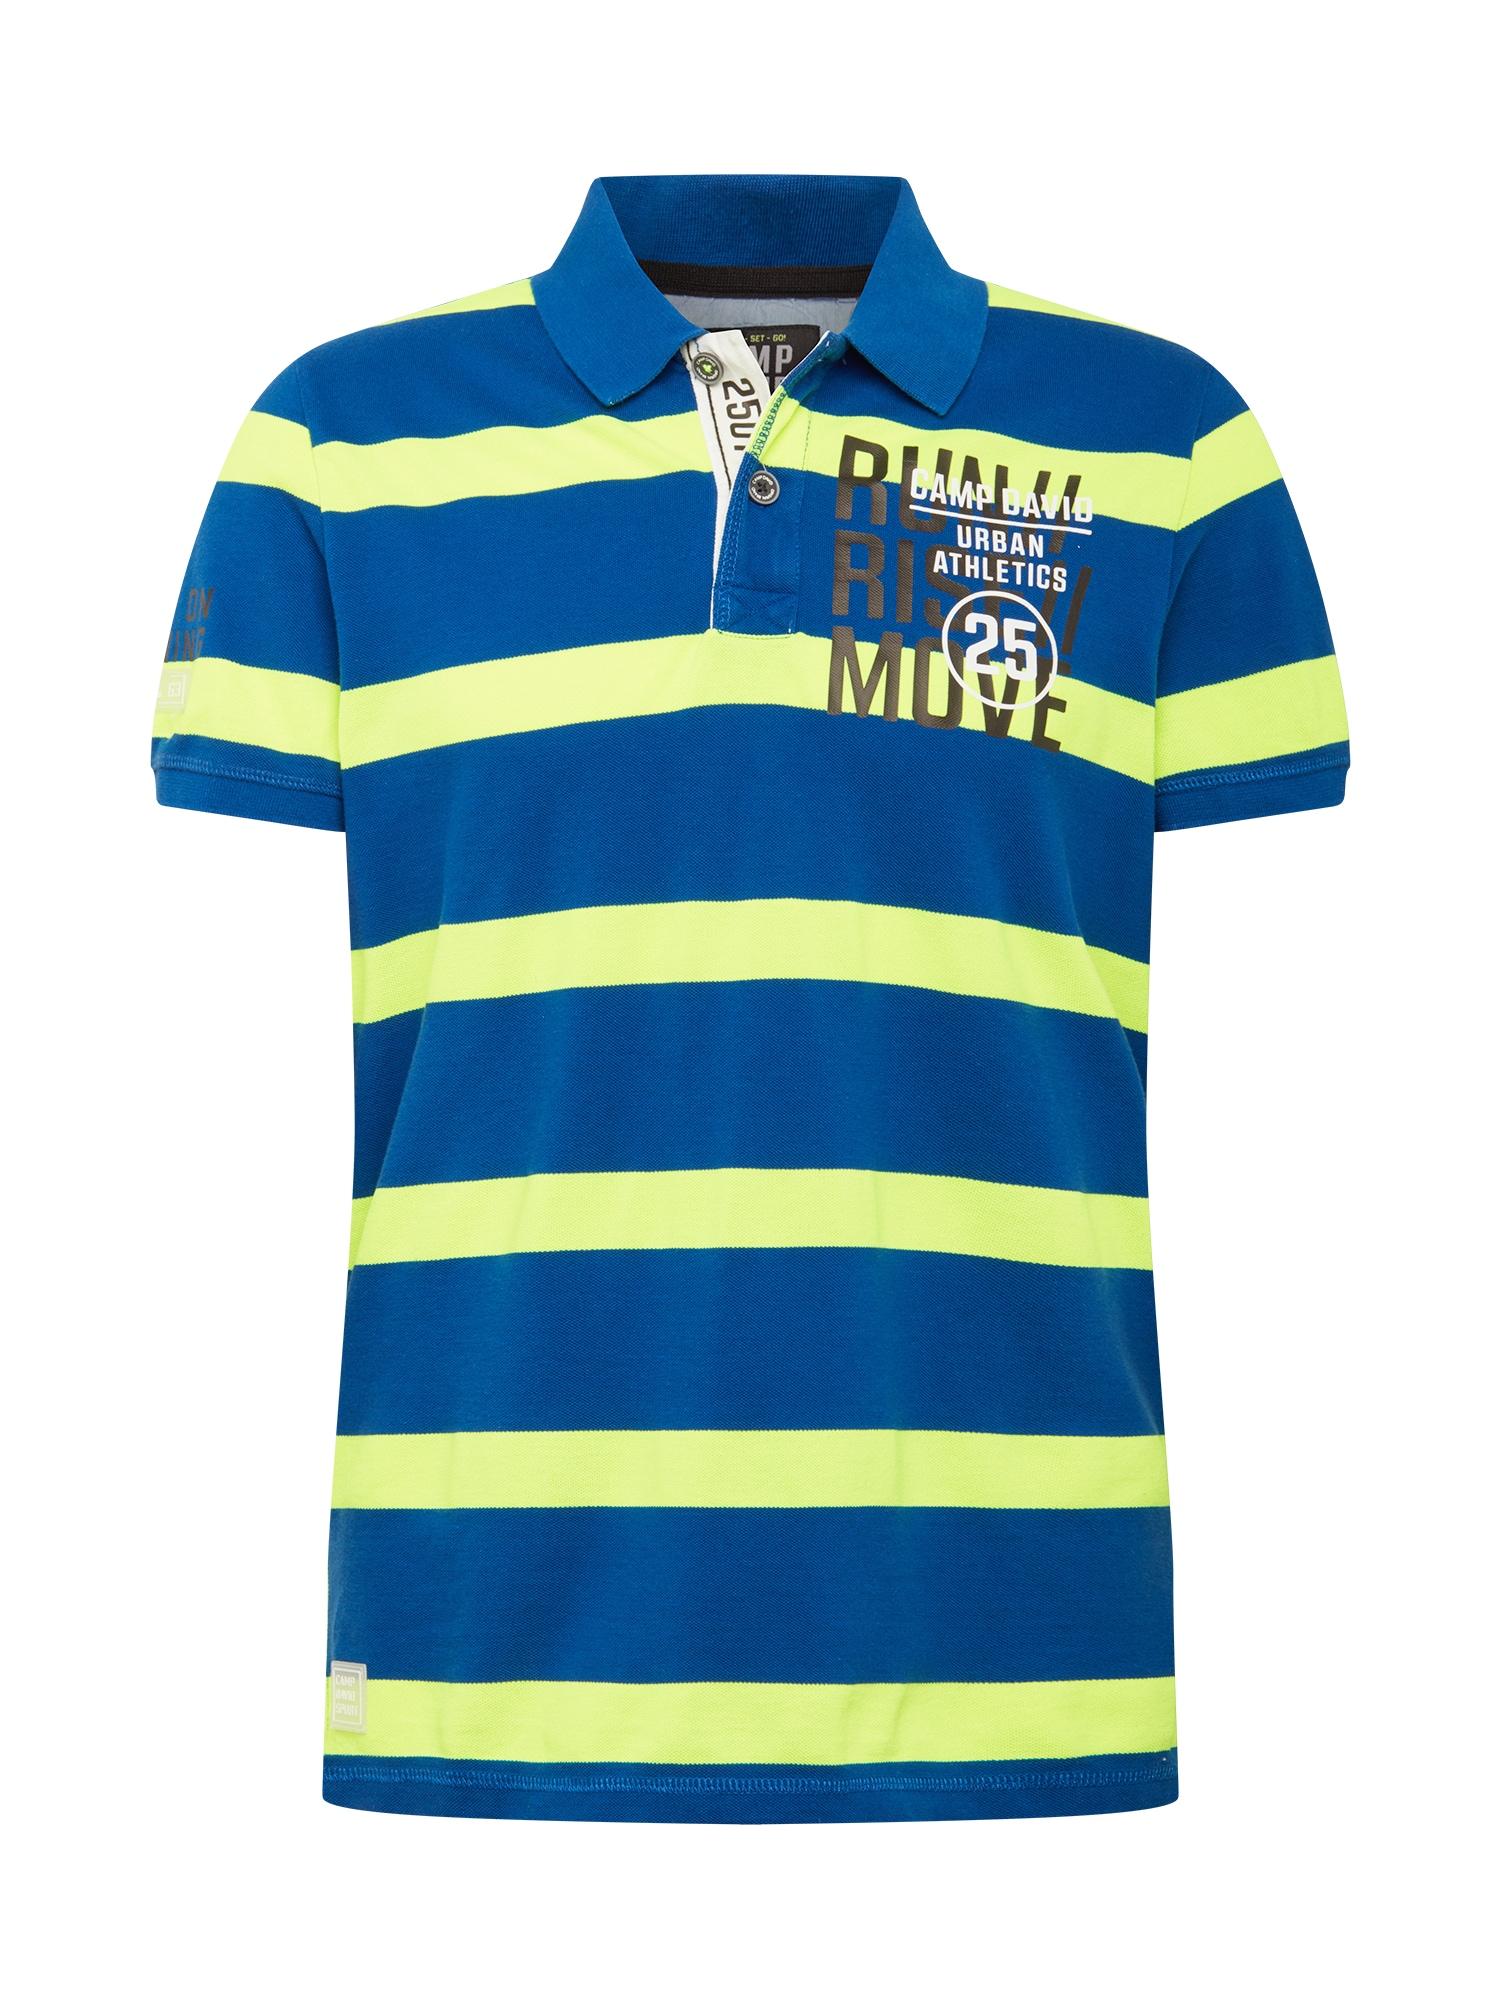 CAMP DAVID Marškinėliai mėlyna / geltona